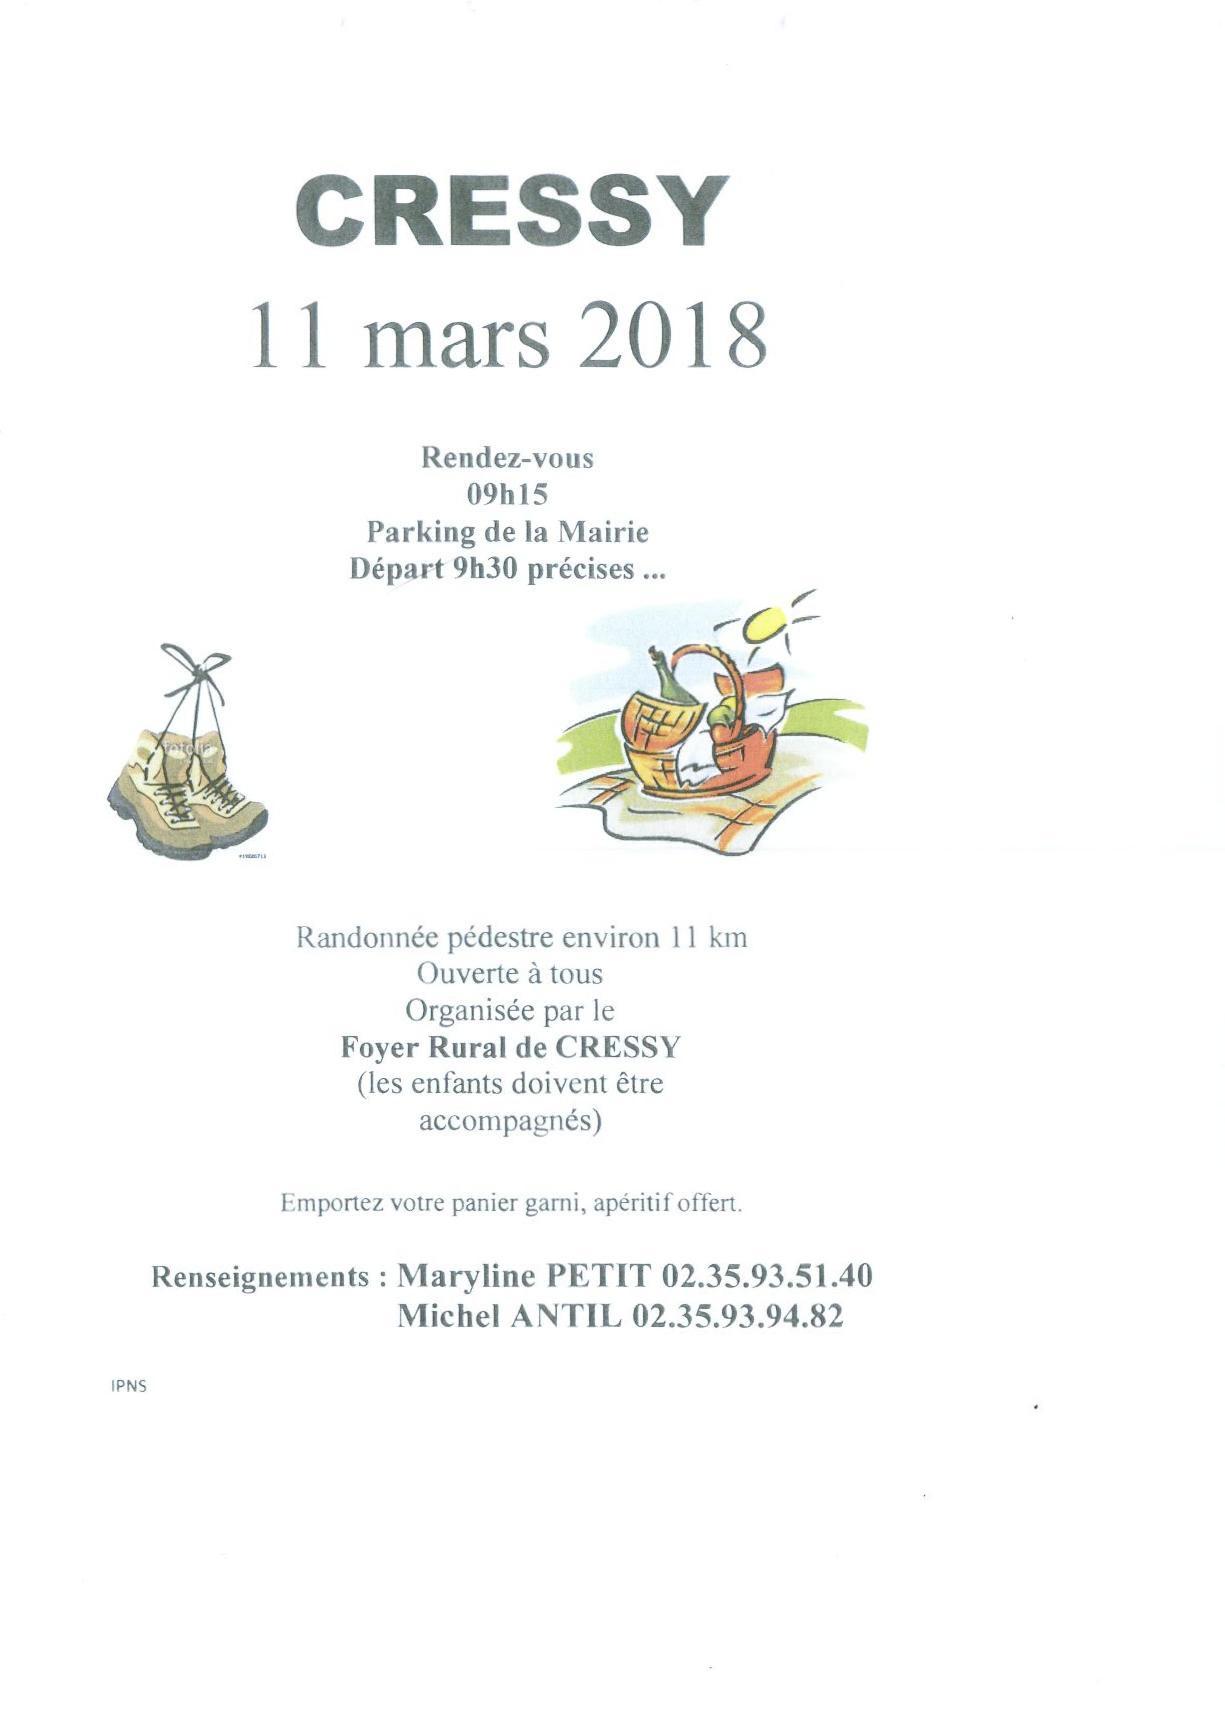 Randonnée Pédestre à Cressy- 11 Mars 2018